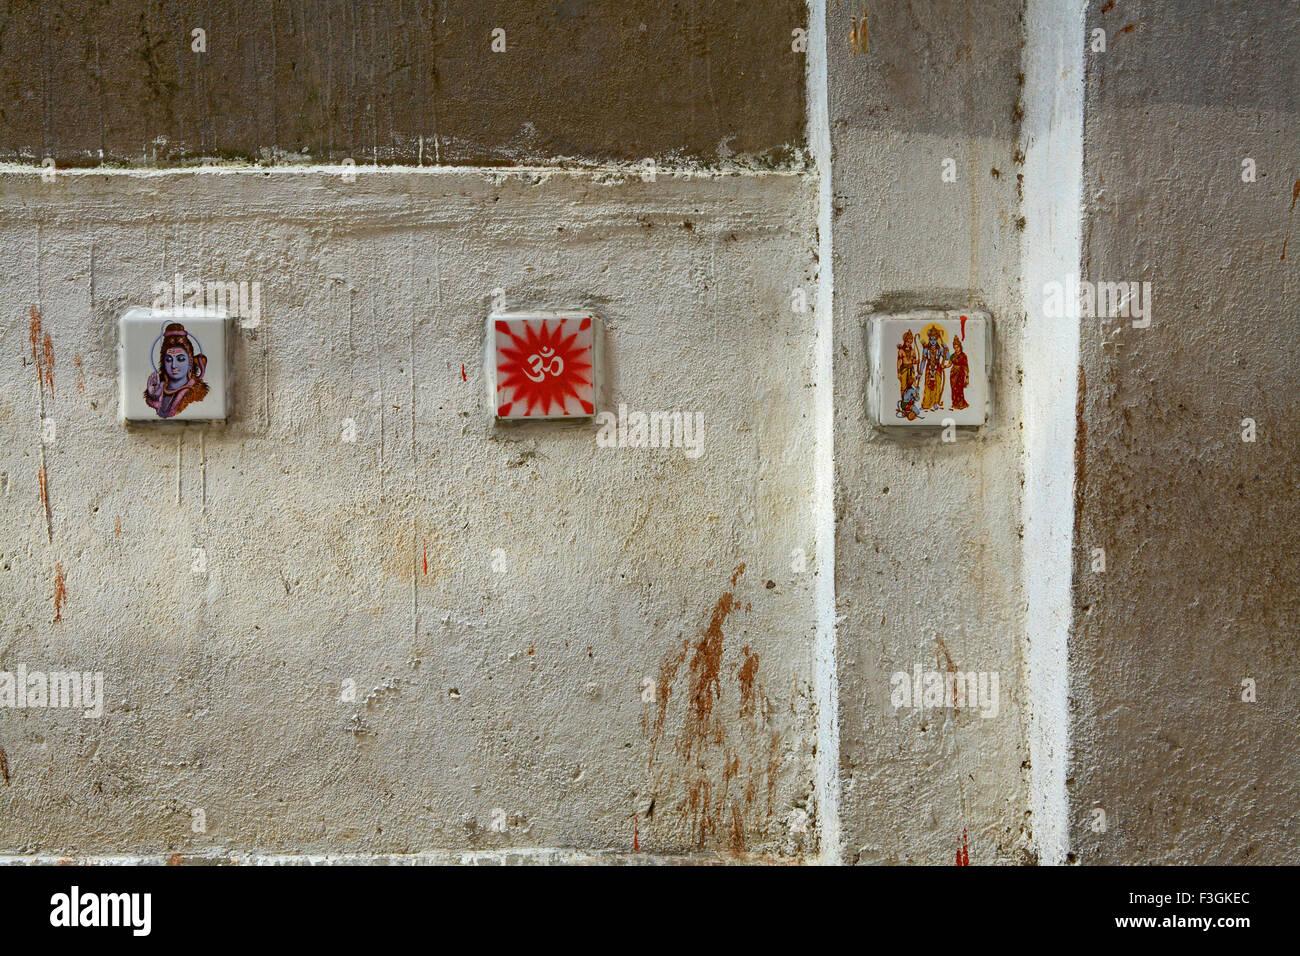 Per arrestare le persone da sputare immagini di divinità e simboli religiosi dipinto ceramicre posto pareti Immagini Stock